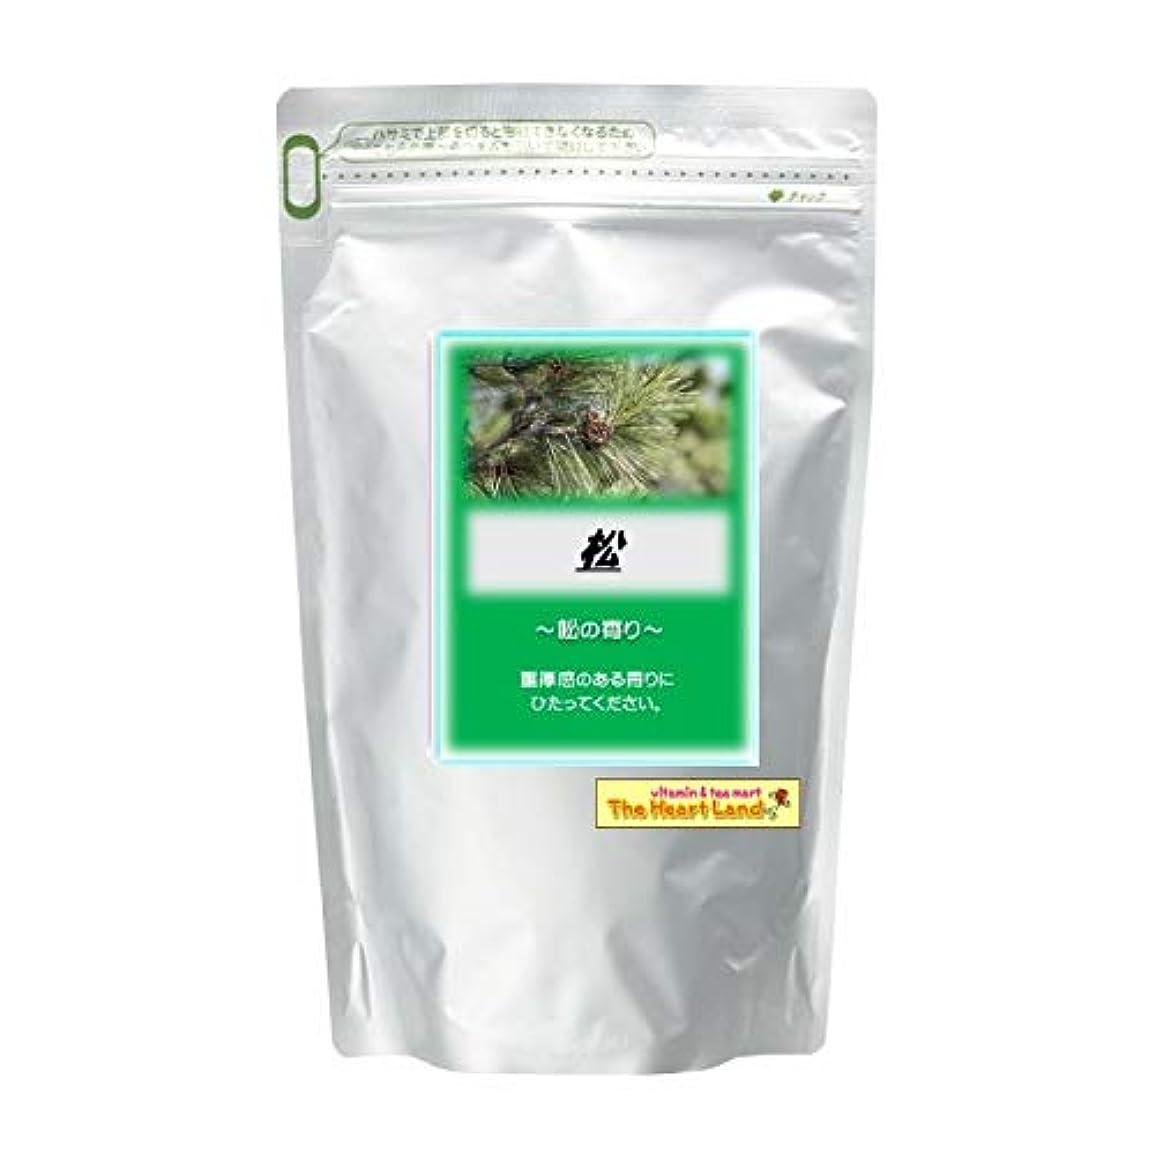 も扇動する芽アサヒ入浴剤 浴用入浴化粧品 松 2.5kg